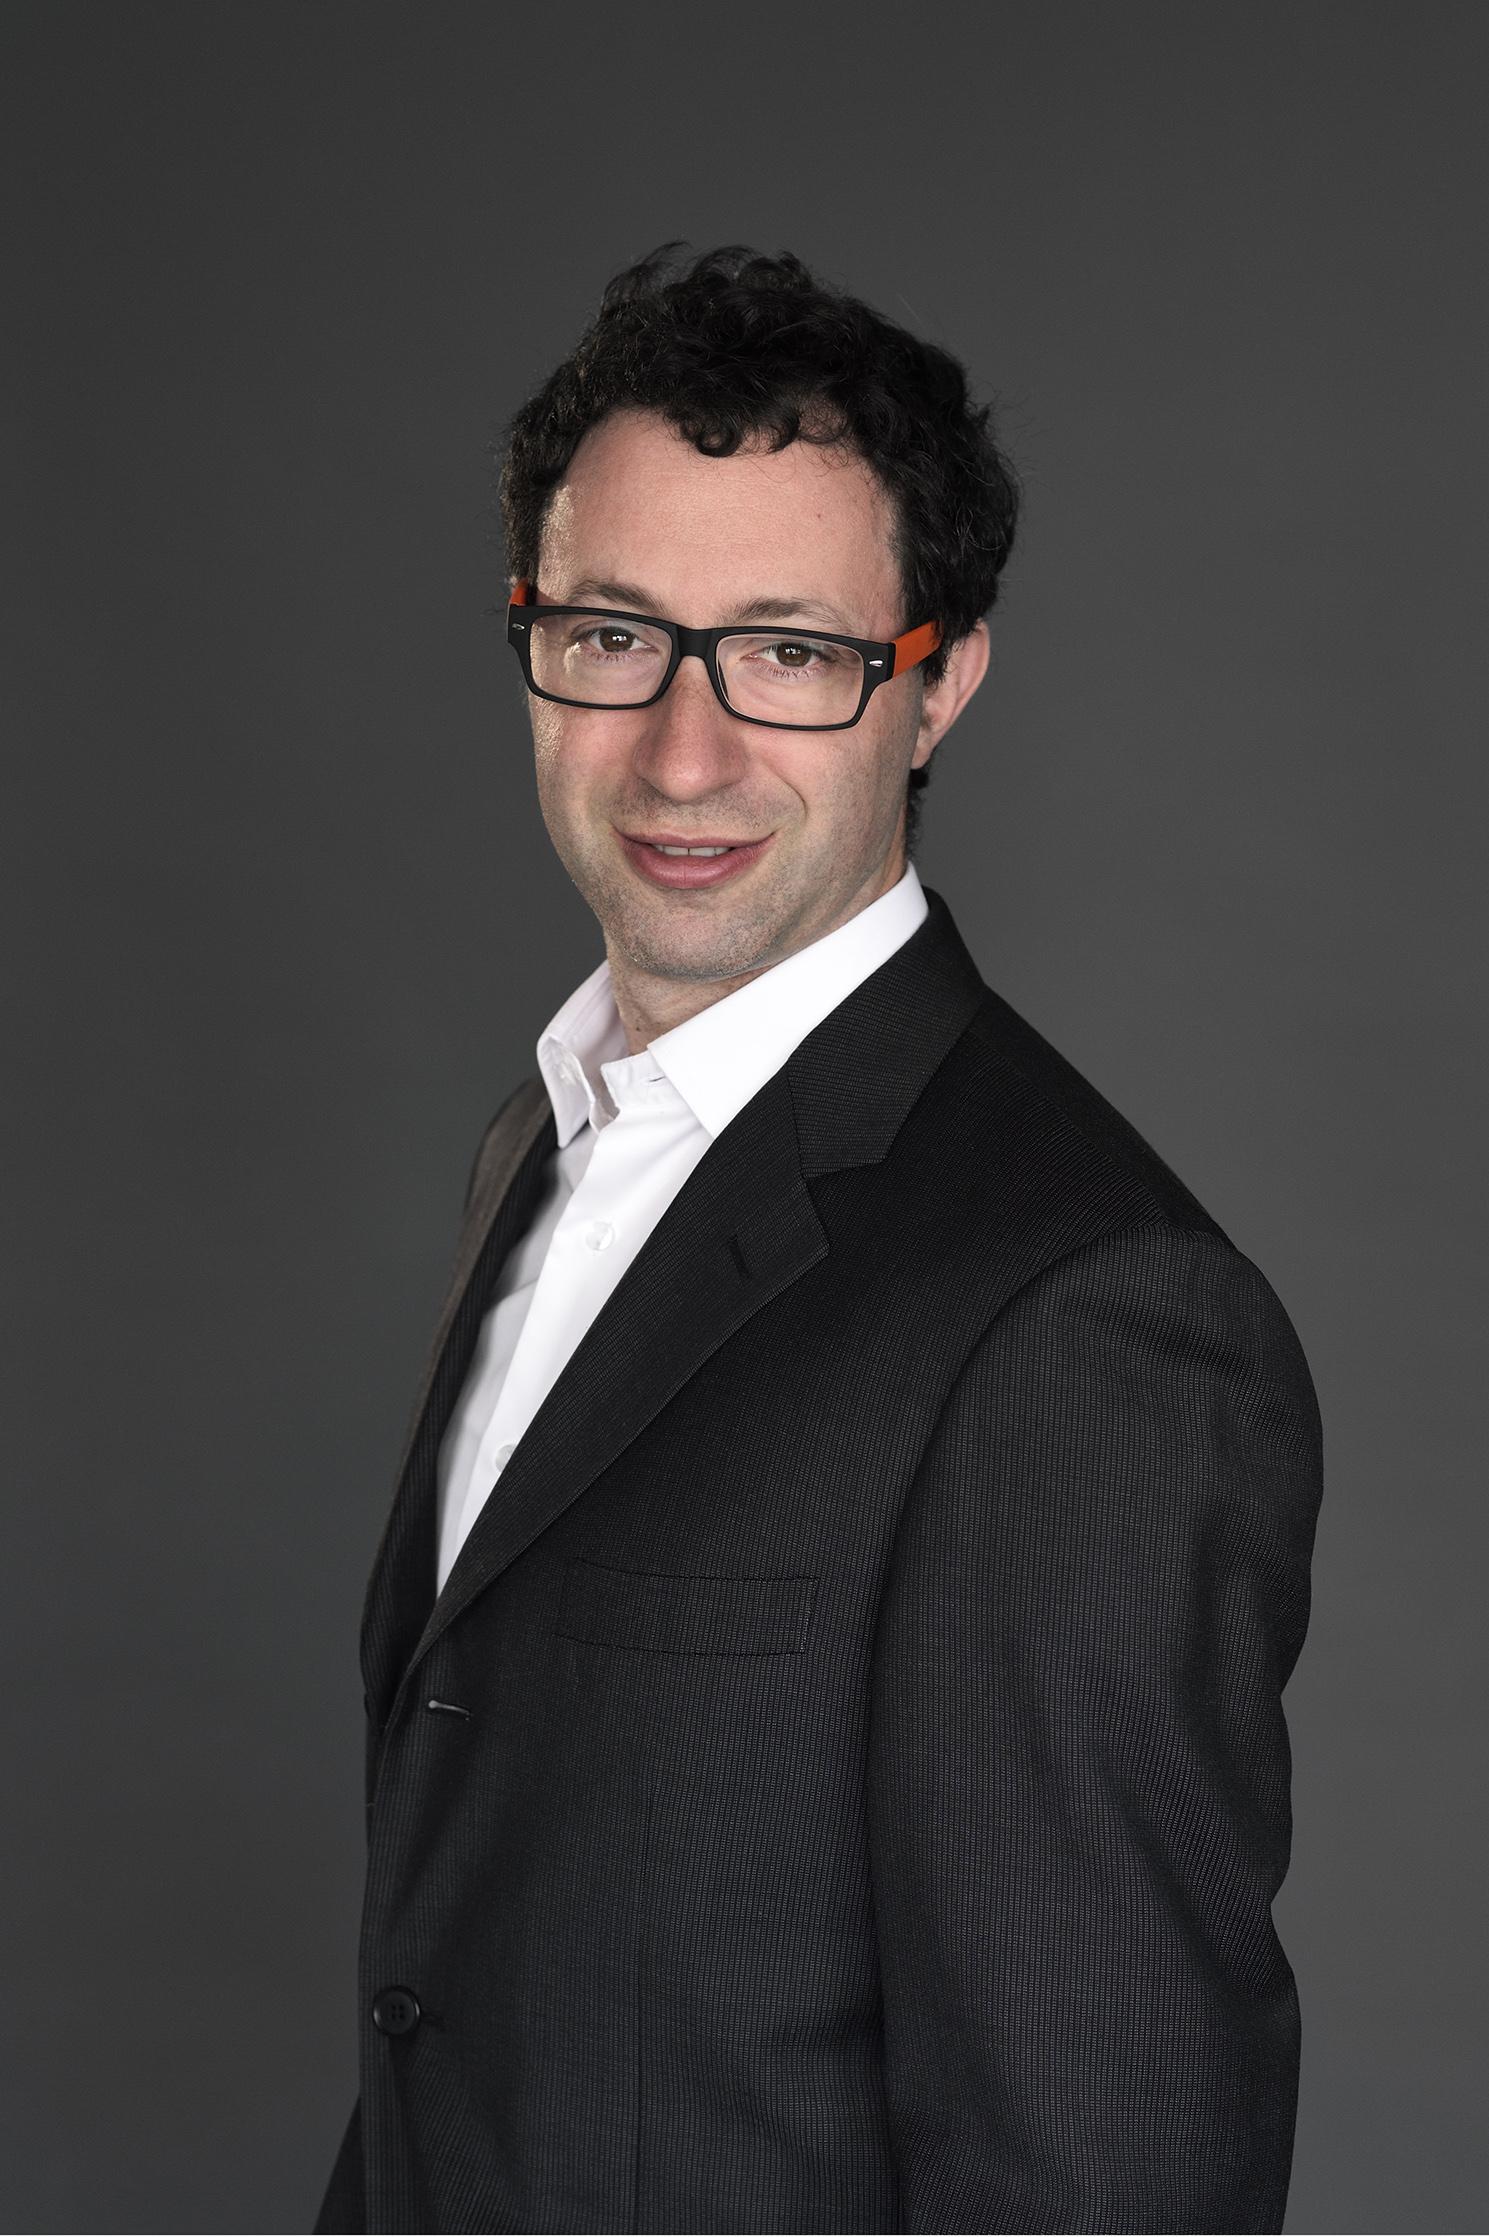 Laurent Frisch dirige le numérique de Radio France depuis 2015, après un parcours chez Orange et France Télévisions. / Photo Radio France / Christophe Abramowitch